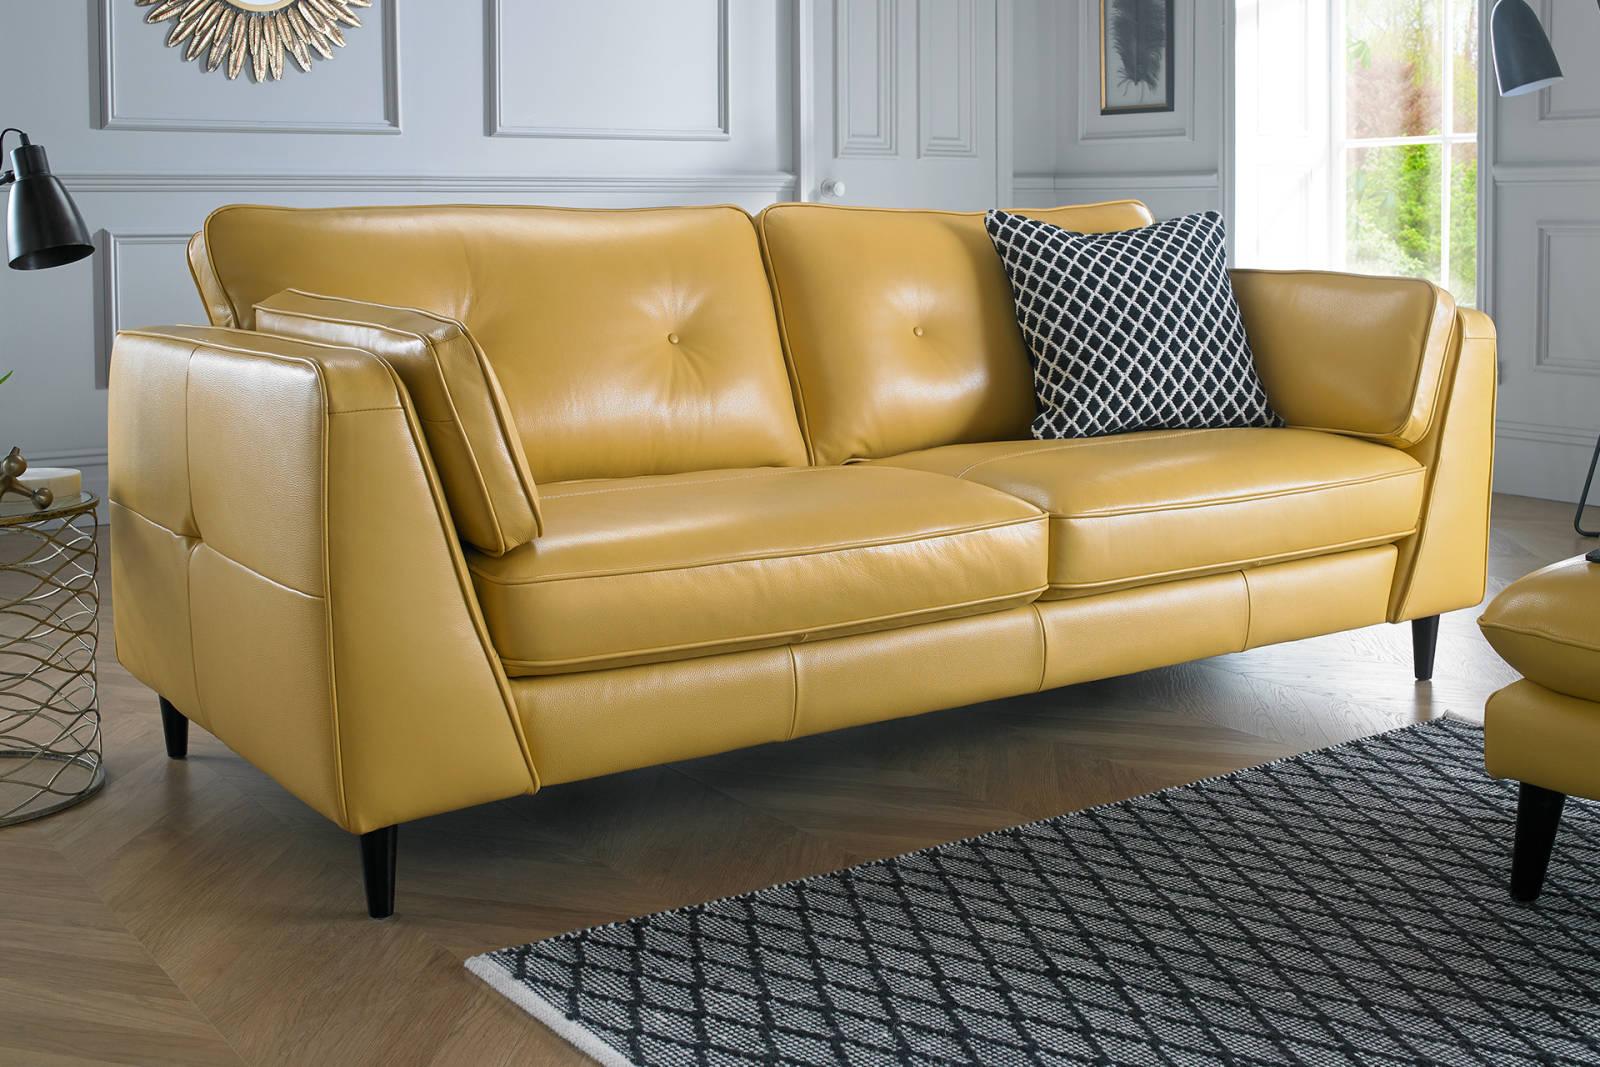 Sofa Short Delivery Reversadermcreamcom